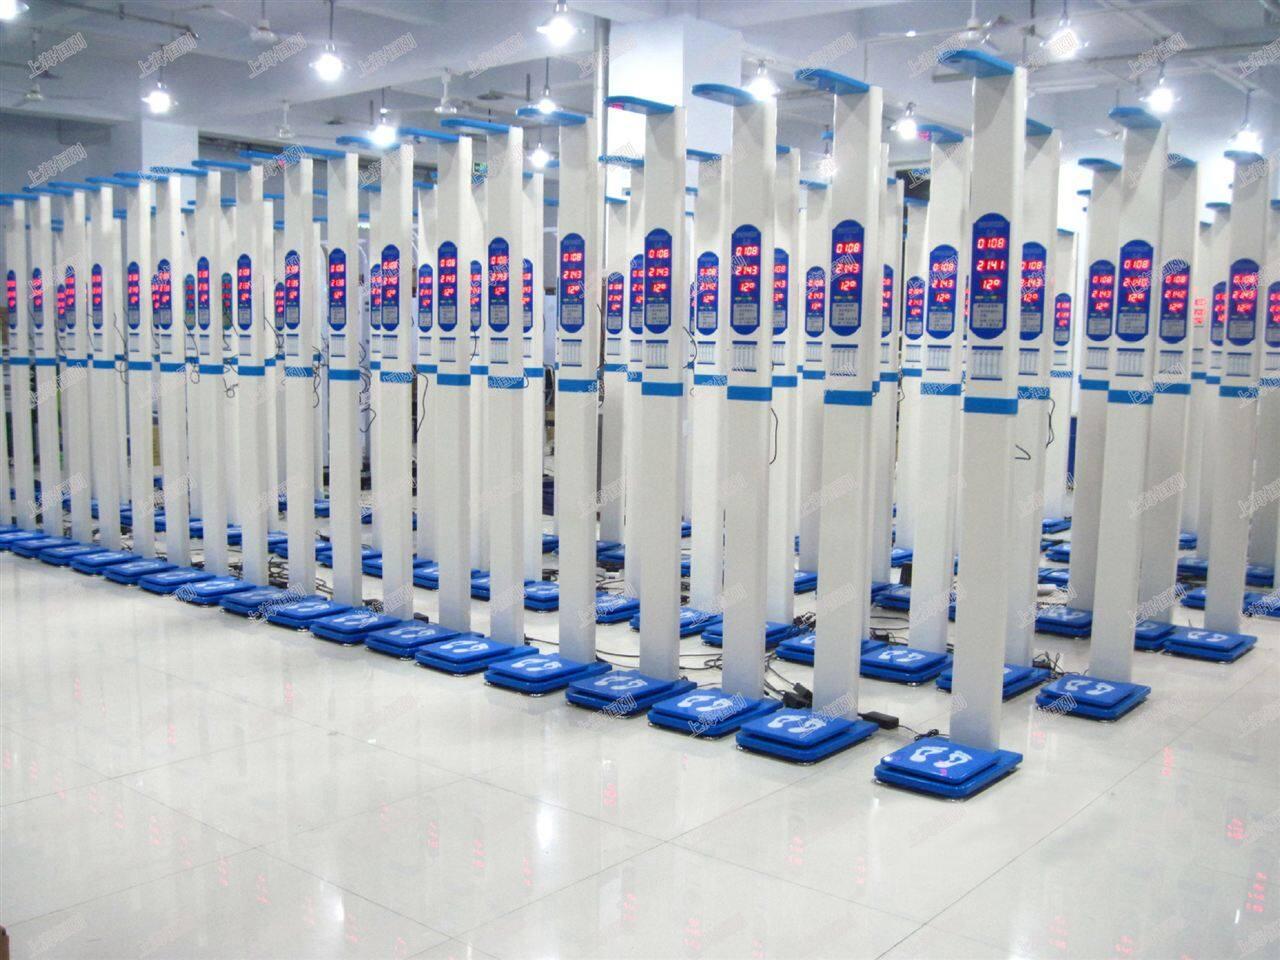 身高体重测量仪: